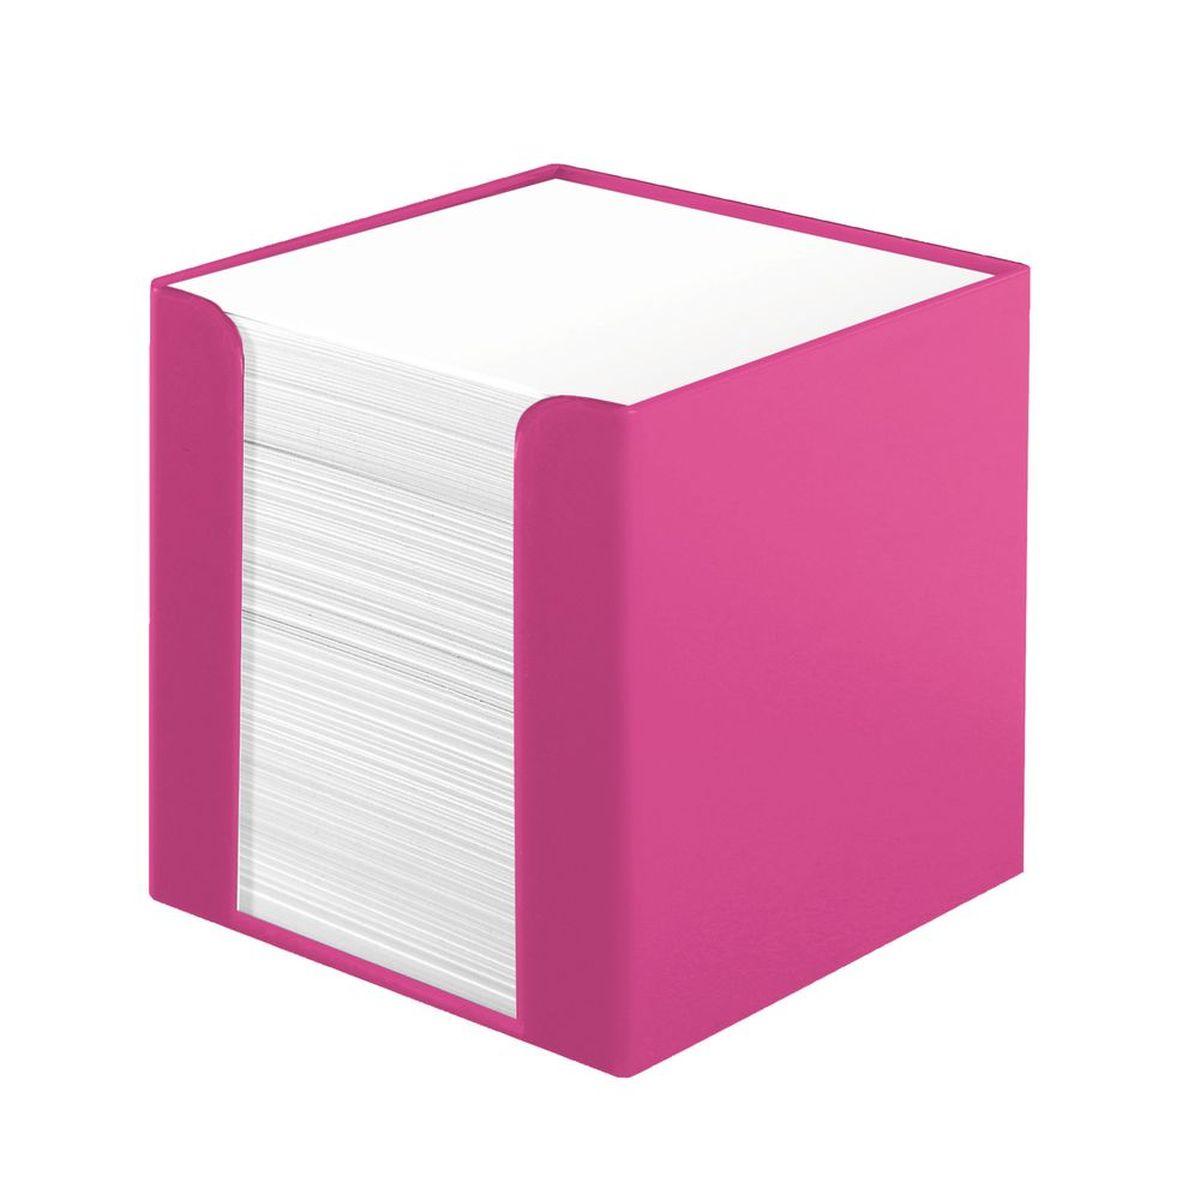 Herlitz Бумага для заметок Colour Blocking цвет подставки розовый2010440Бумага для заметок Herlitz Сolour Blocking - это удобное и практическое решение для быстрой записи информации дома или на работе.Блок состоит из листов белой бумаги и находится в пластиковой подставке в виде куба, которая вмещает в себя 700 листов. Игривый розовый цвет - по-настоящему яркое зрелище, способное всполошить дерзкими расцветками размеренность повседневности.